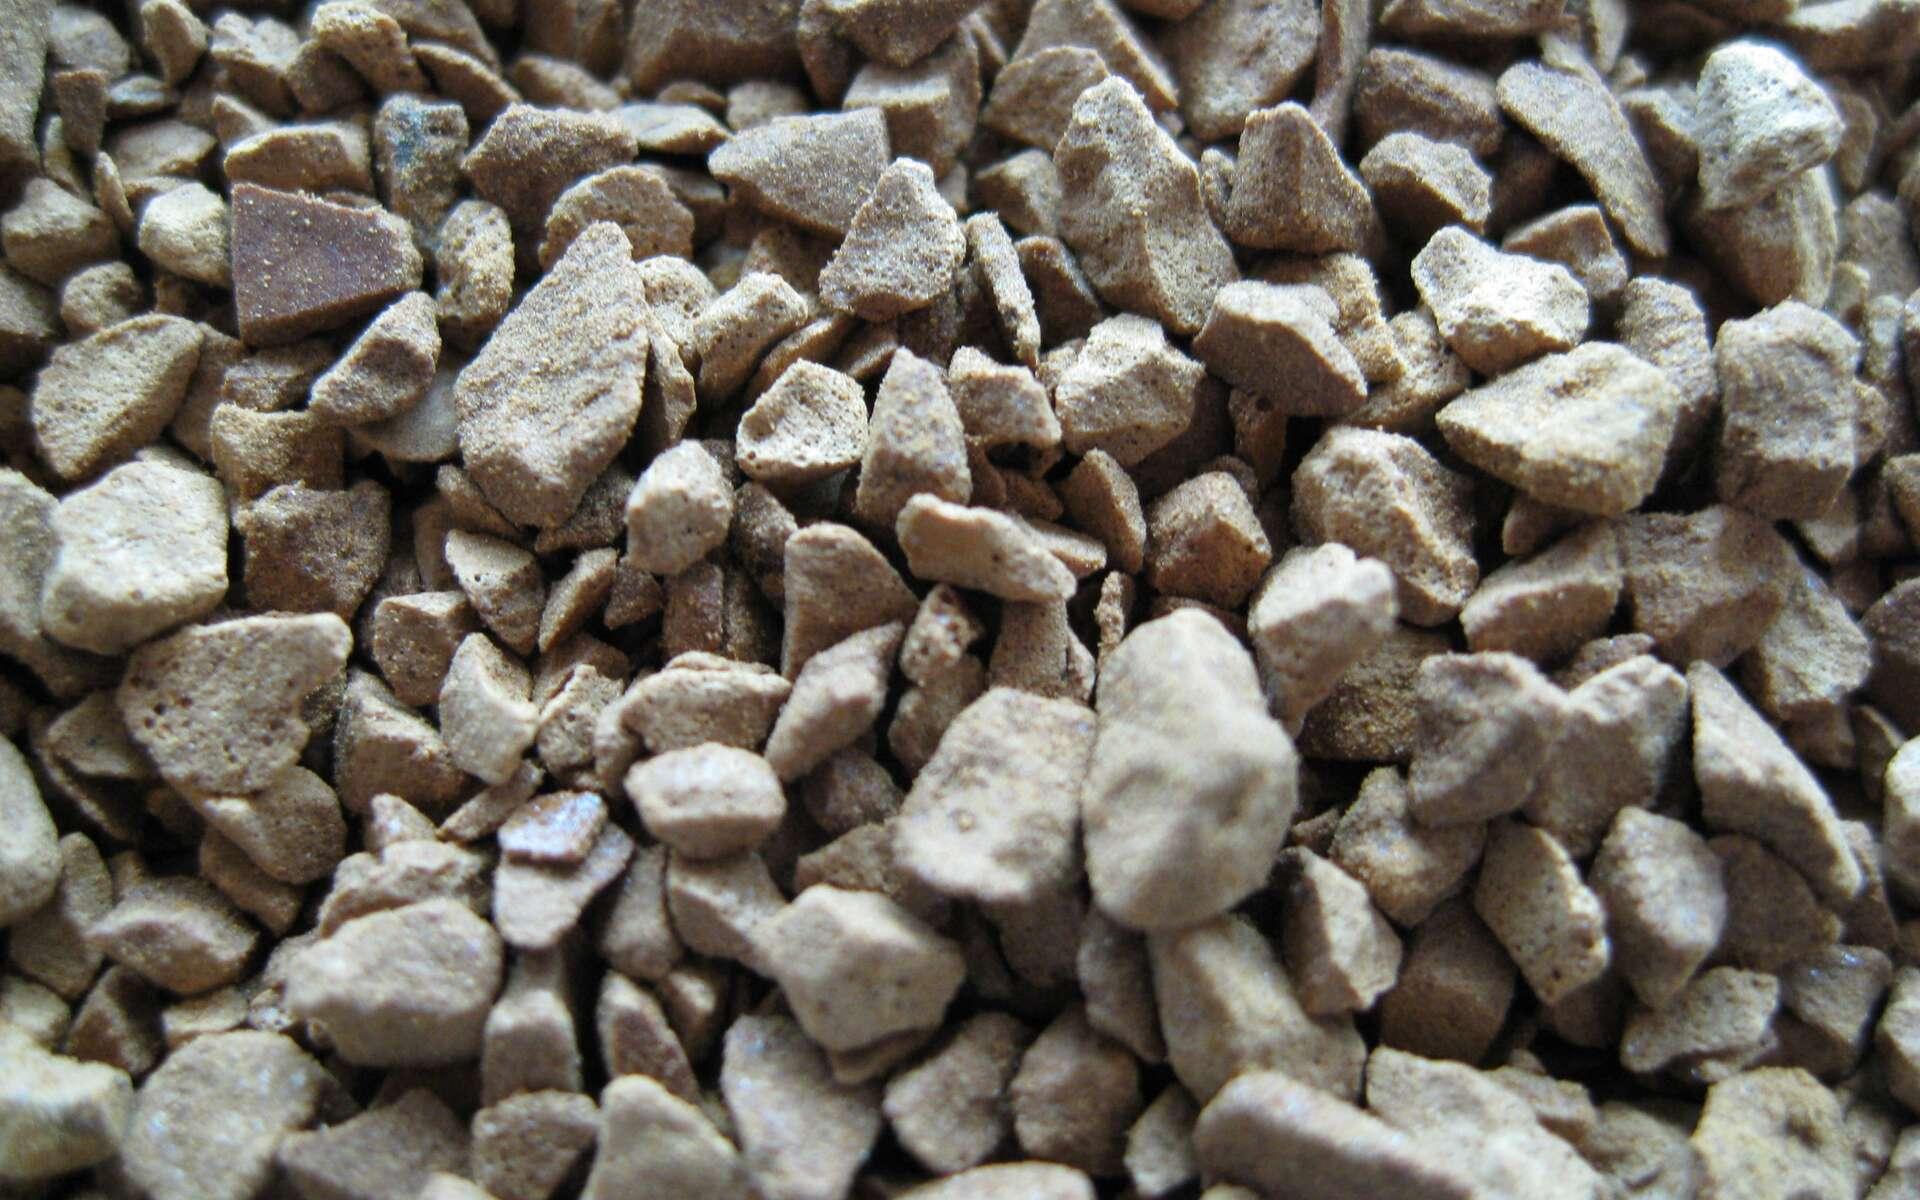 La granulation est une méthode permettant de transformer une matière en granulés. © Kai Hendry, CC BY 2.0, Flickr